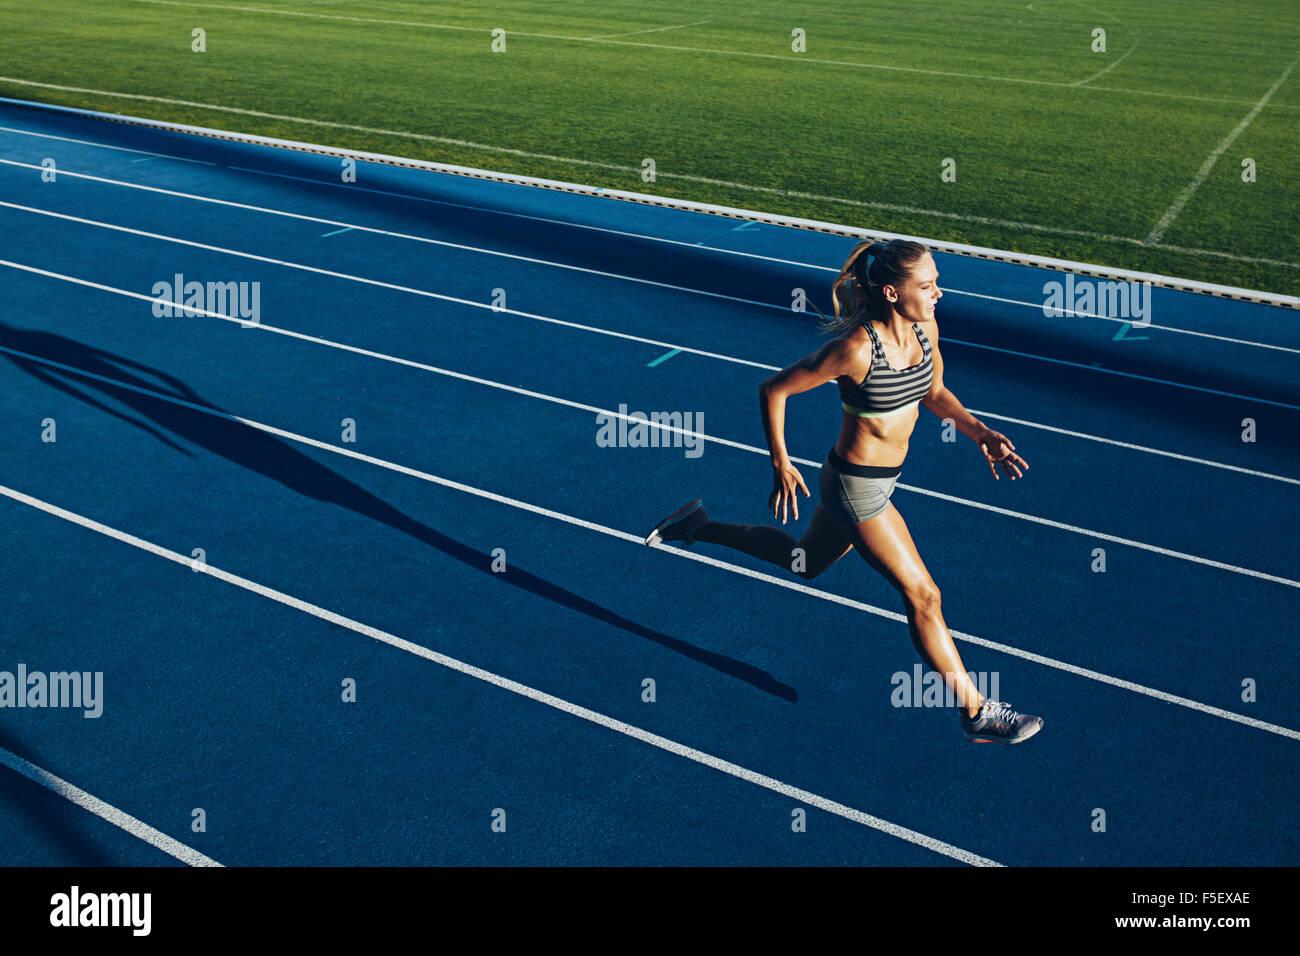 Giovane donna in esecuzione su pista durante la sessione di formazione. Guida femmina pratica sulla pista di atletica Immagini Stock